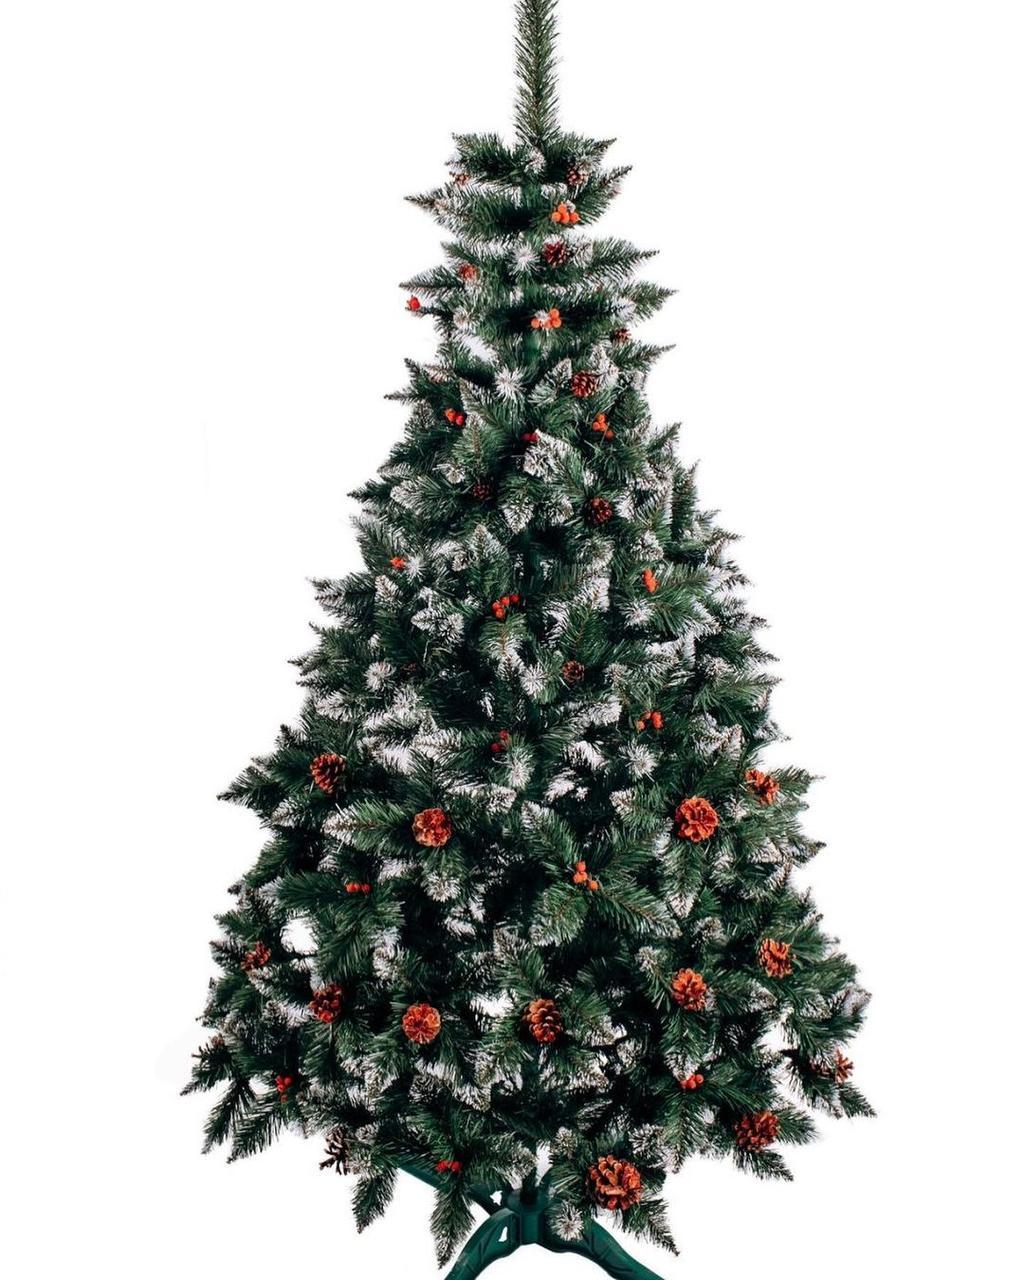 """Ялинка штучна ПВХ """"Різдвяна"""" Елітна з білими кінчиками шишками і калиною 1 м"""